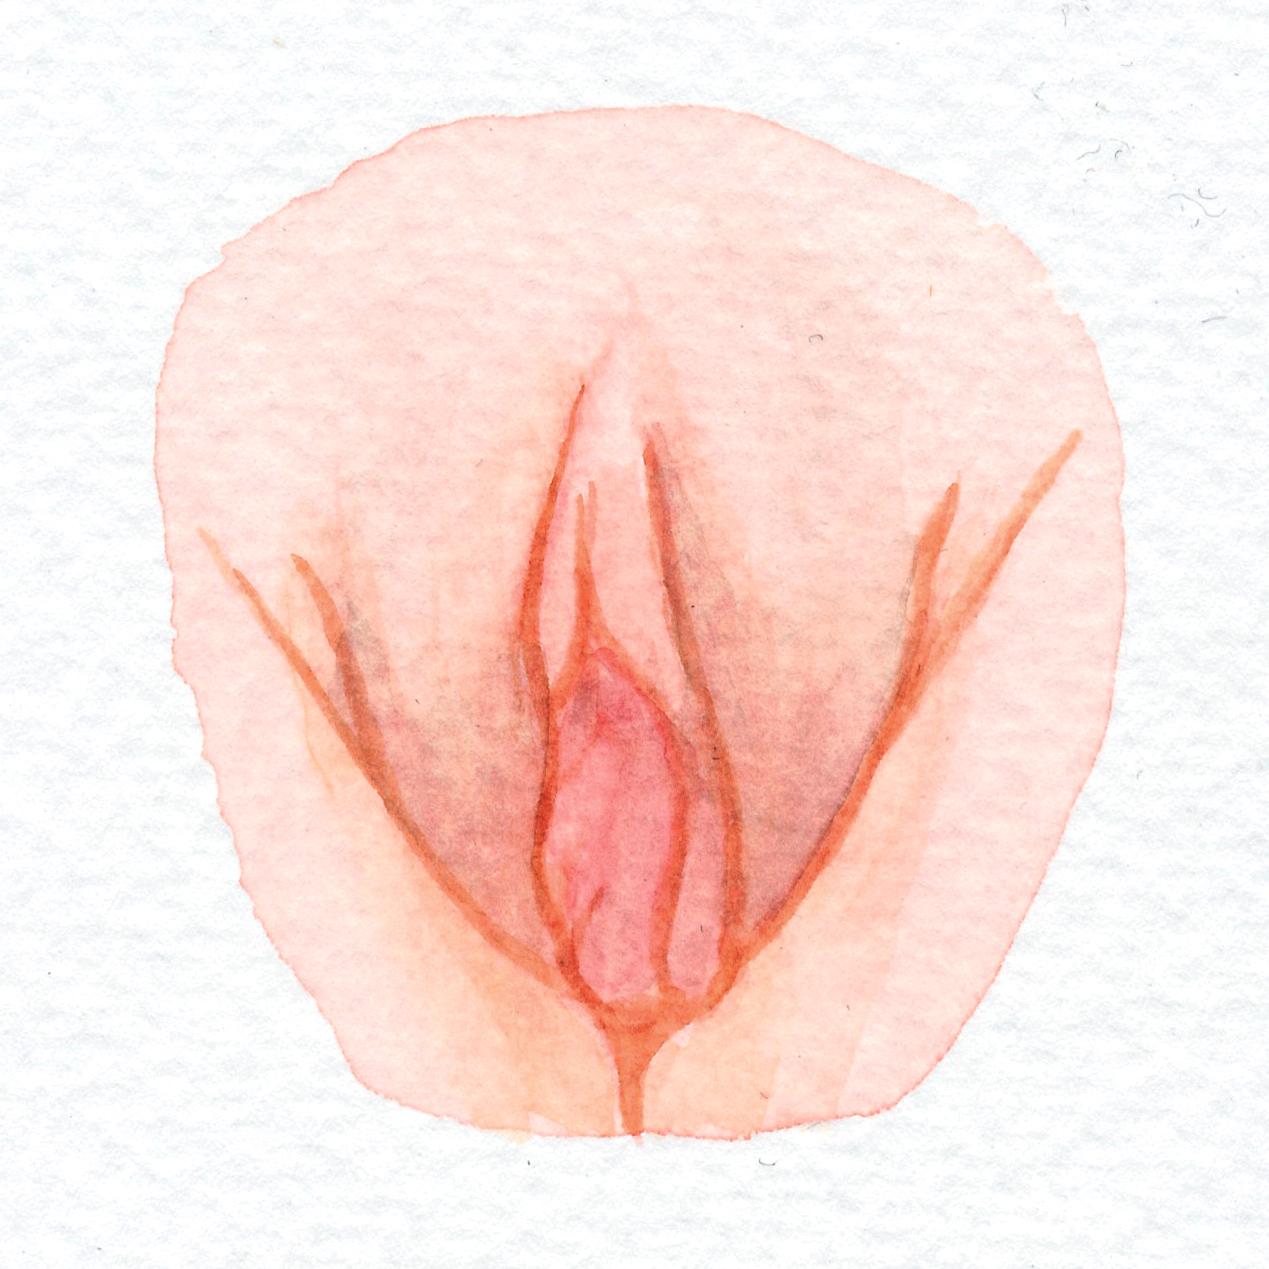 The Vulva Gallery - Vulva Portrait #4.jpg